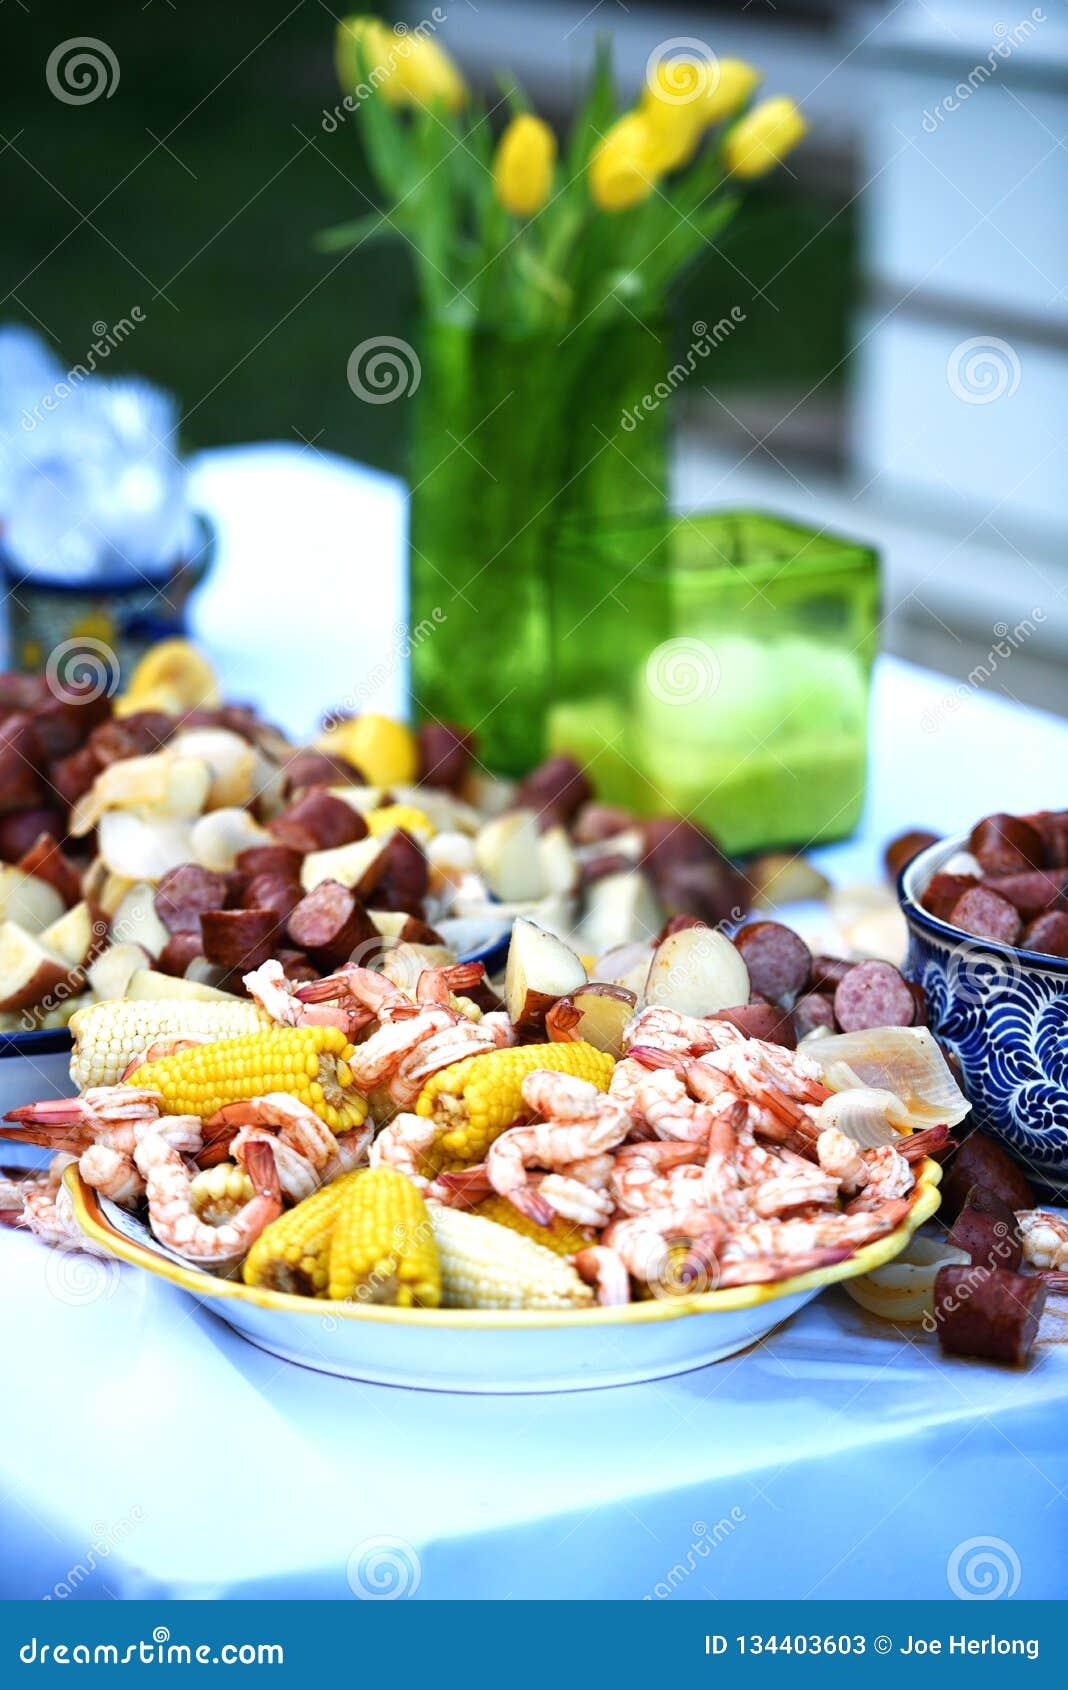 Color vibrante con flores amarillas y una ebullición deliciosa del camarón del país bajo